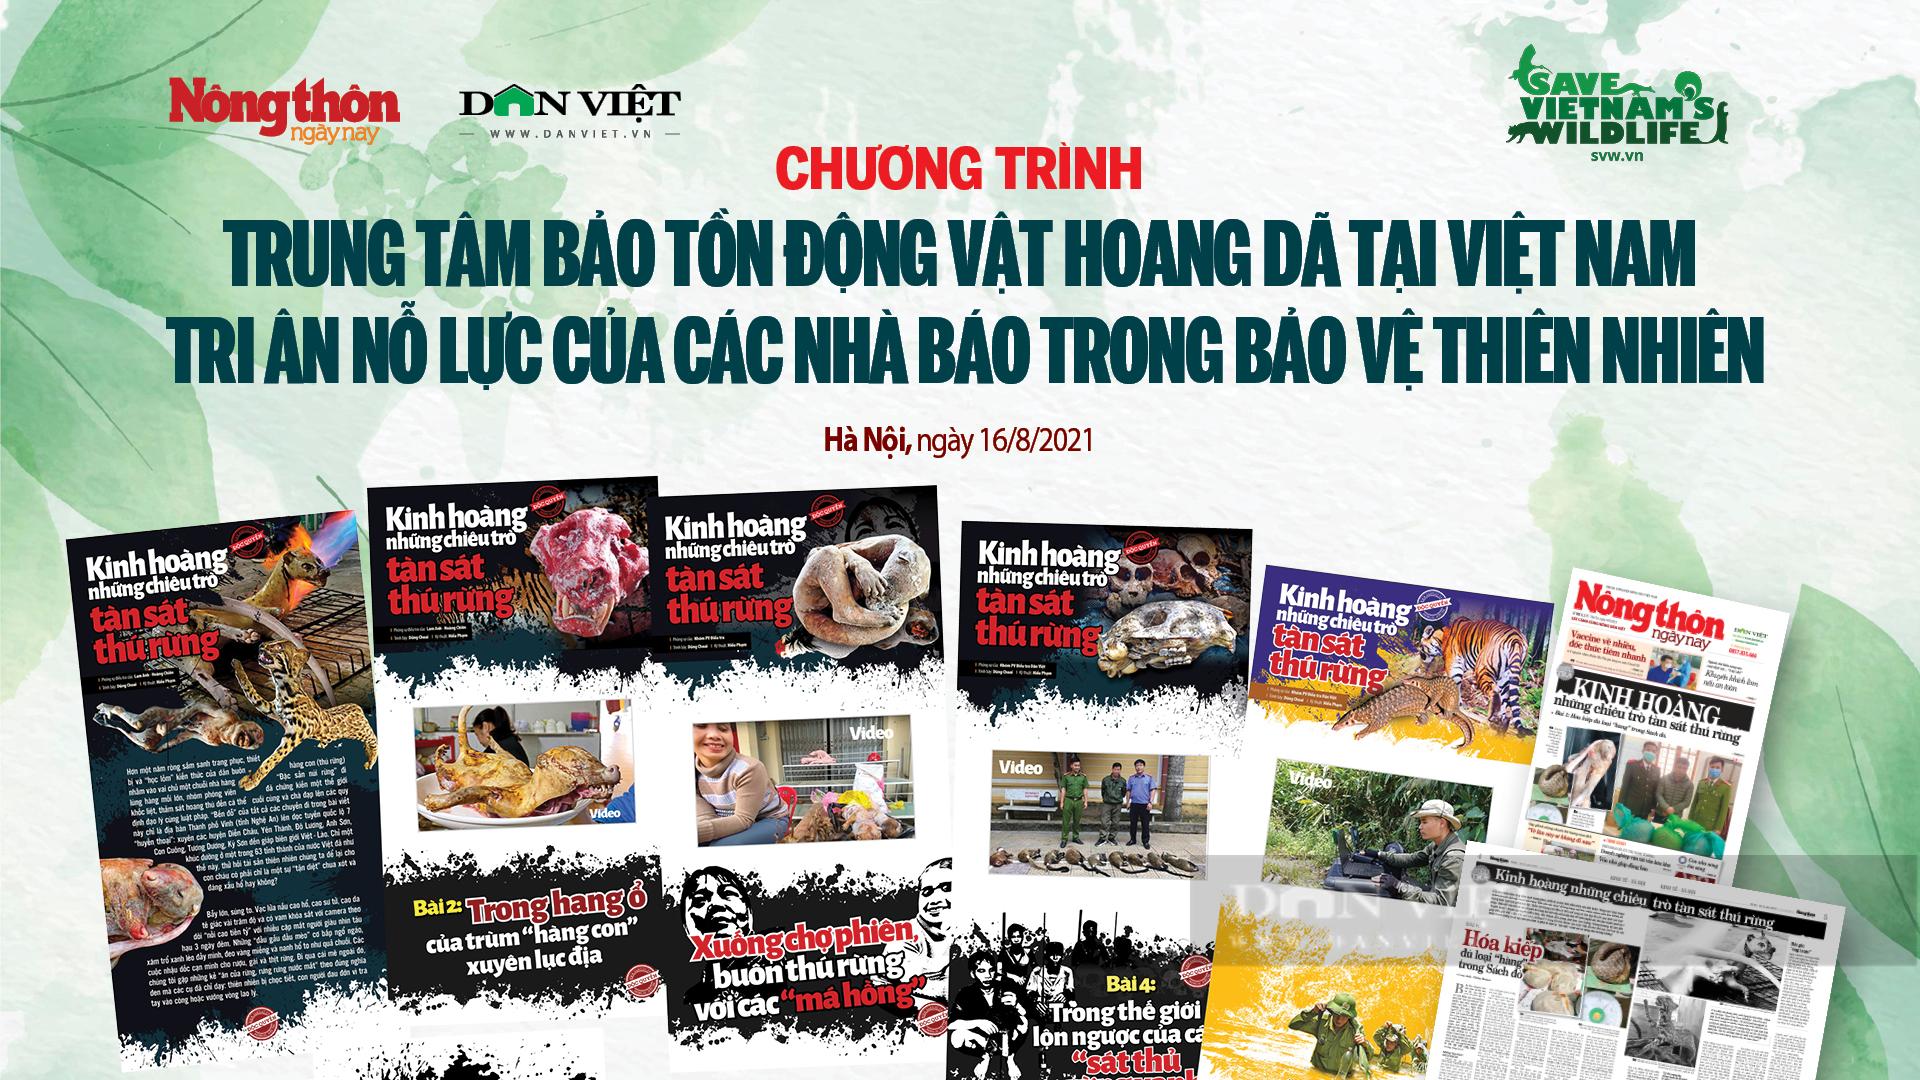 Trung tâm Bảo tồn Động vật hoang dã tại Việt Nam tri ân nhóm phóng viên nỗ lực bảo vệ thiên nhiên - Ảnh 4.